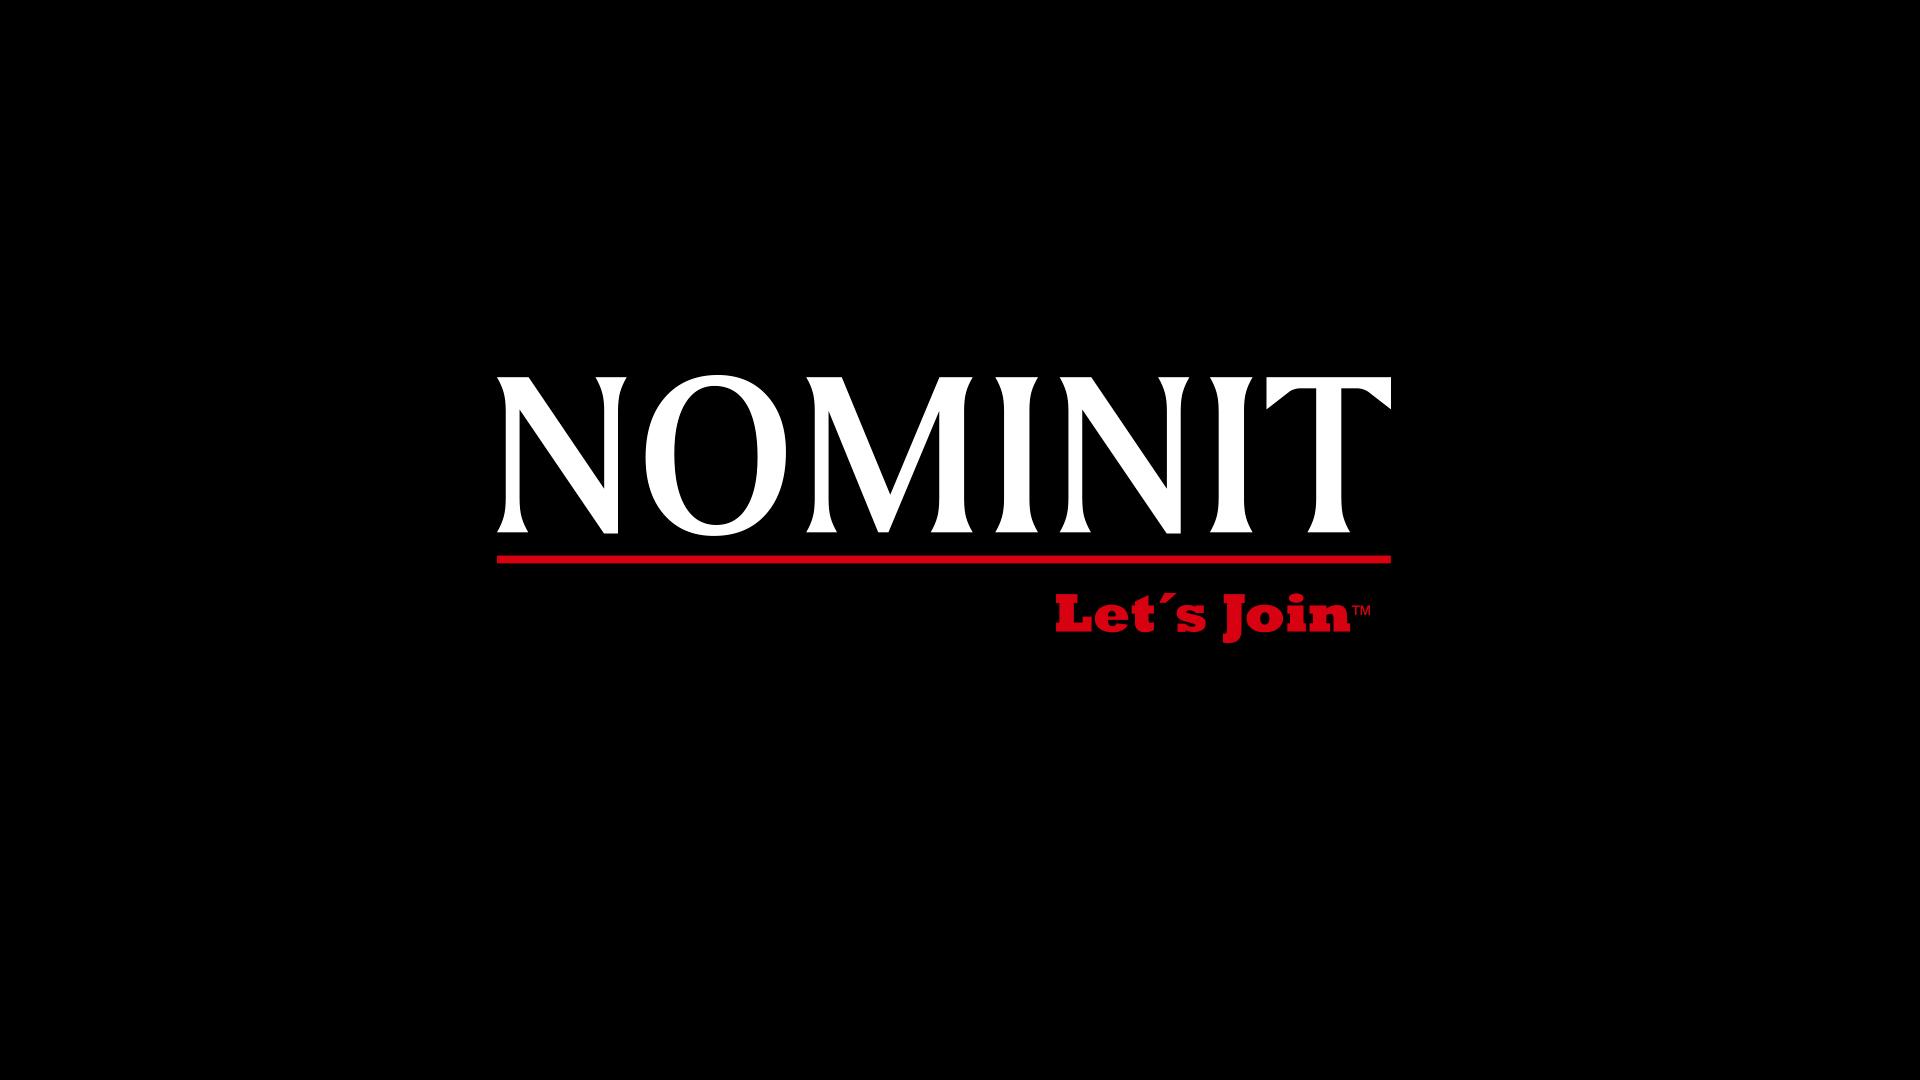 nomini_logo.jpg